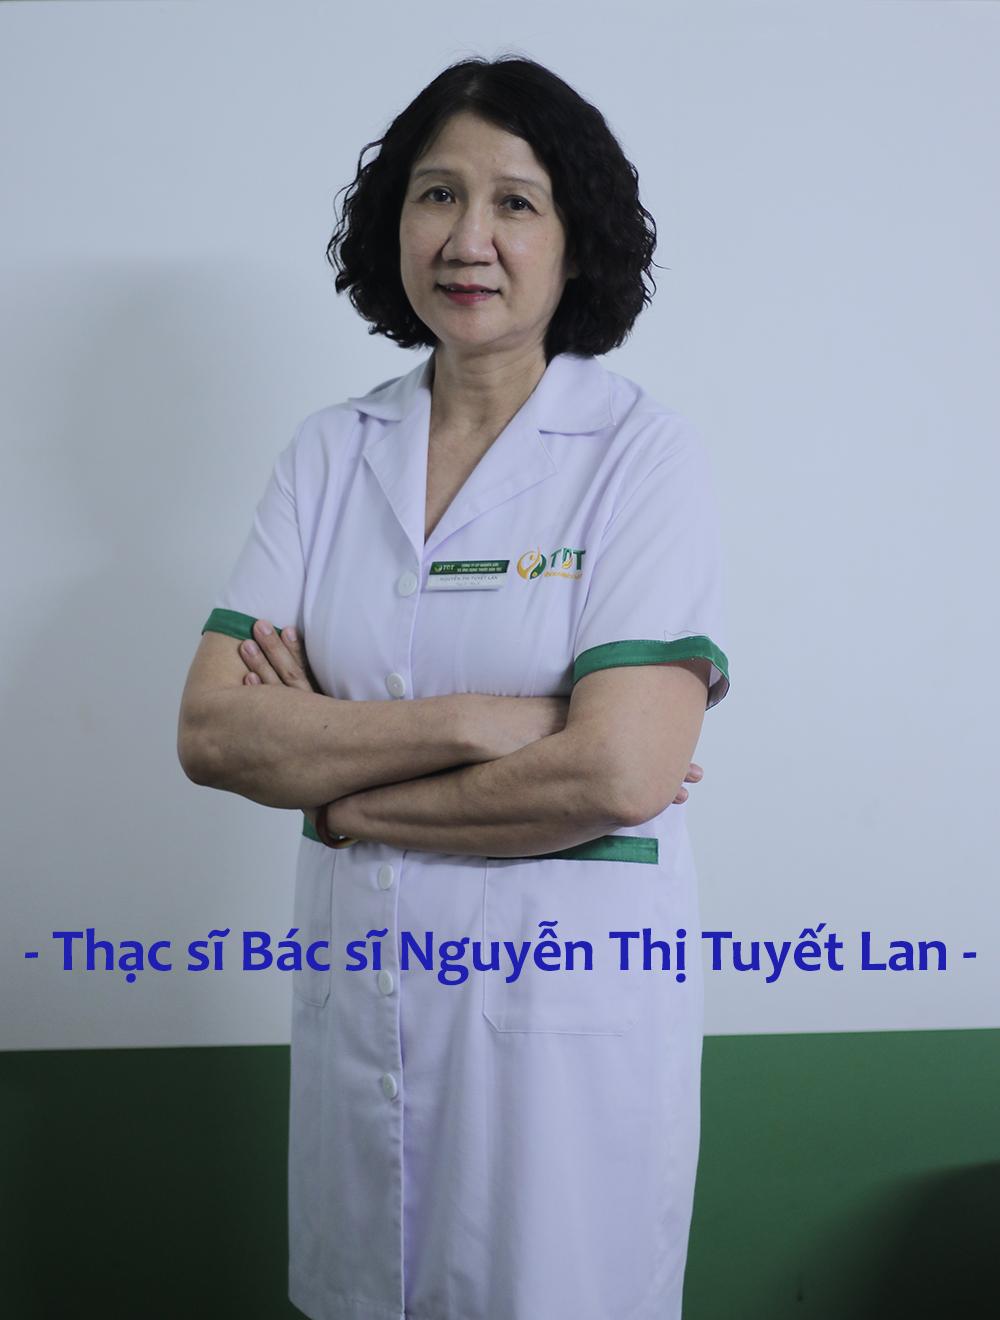 Thạc sĩ bác sĩ Nguyễn Thị Tuyết Lan - Giám đốc cố vấn đa khoa SuckhoeVN